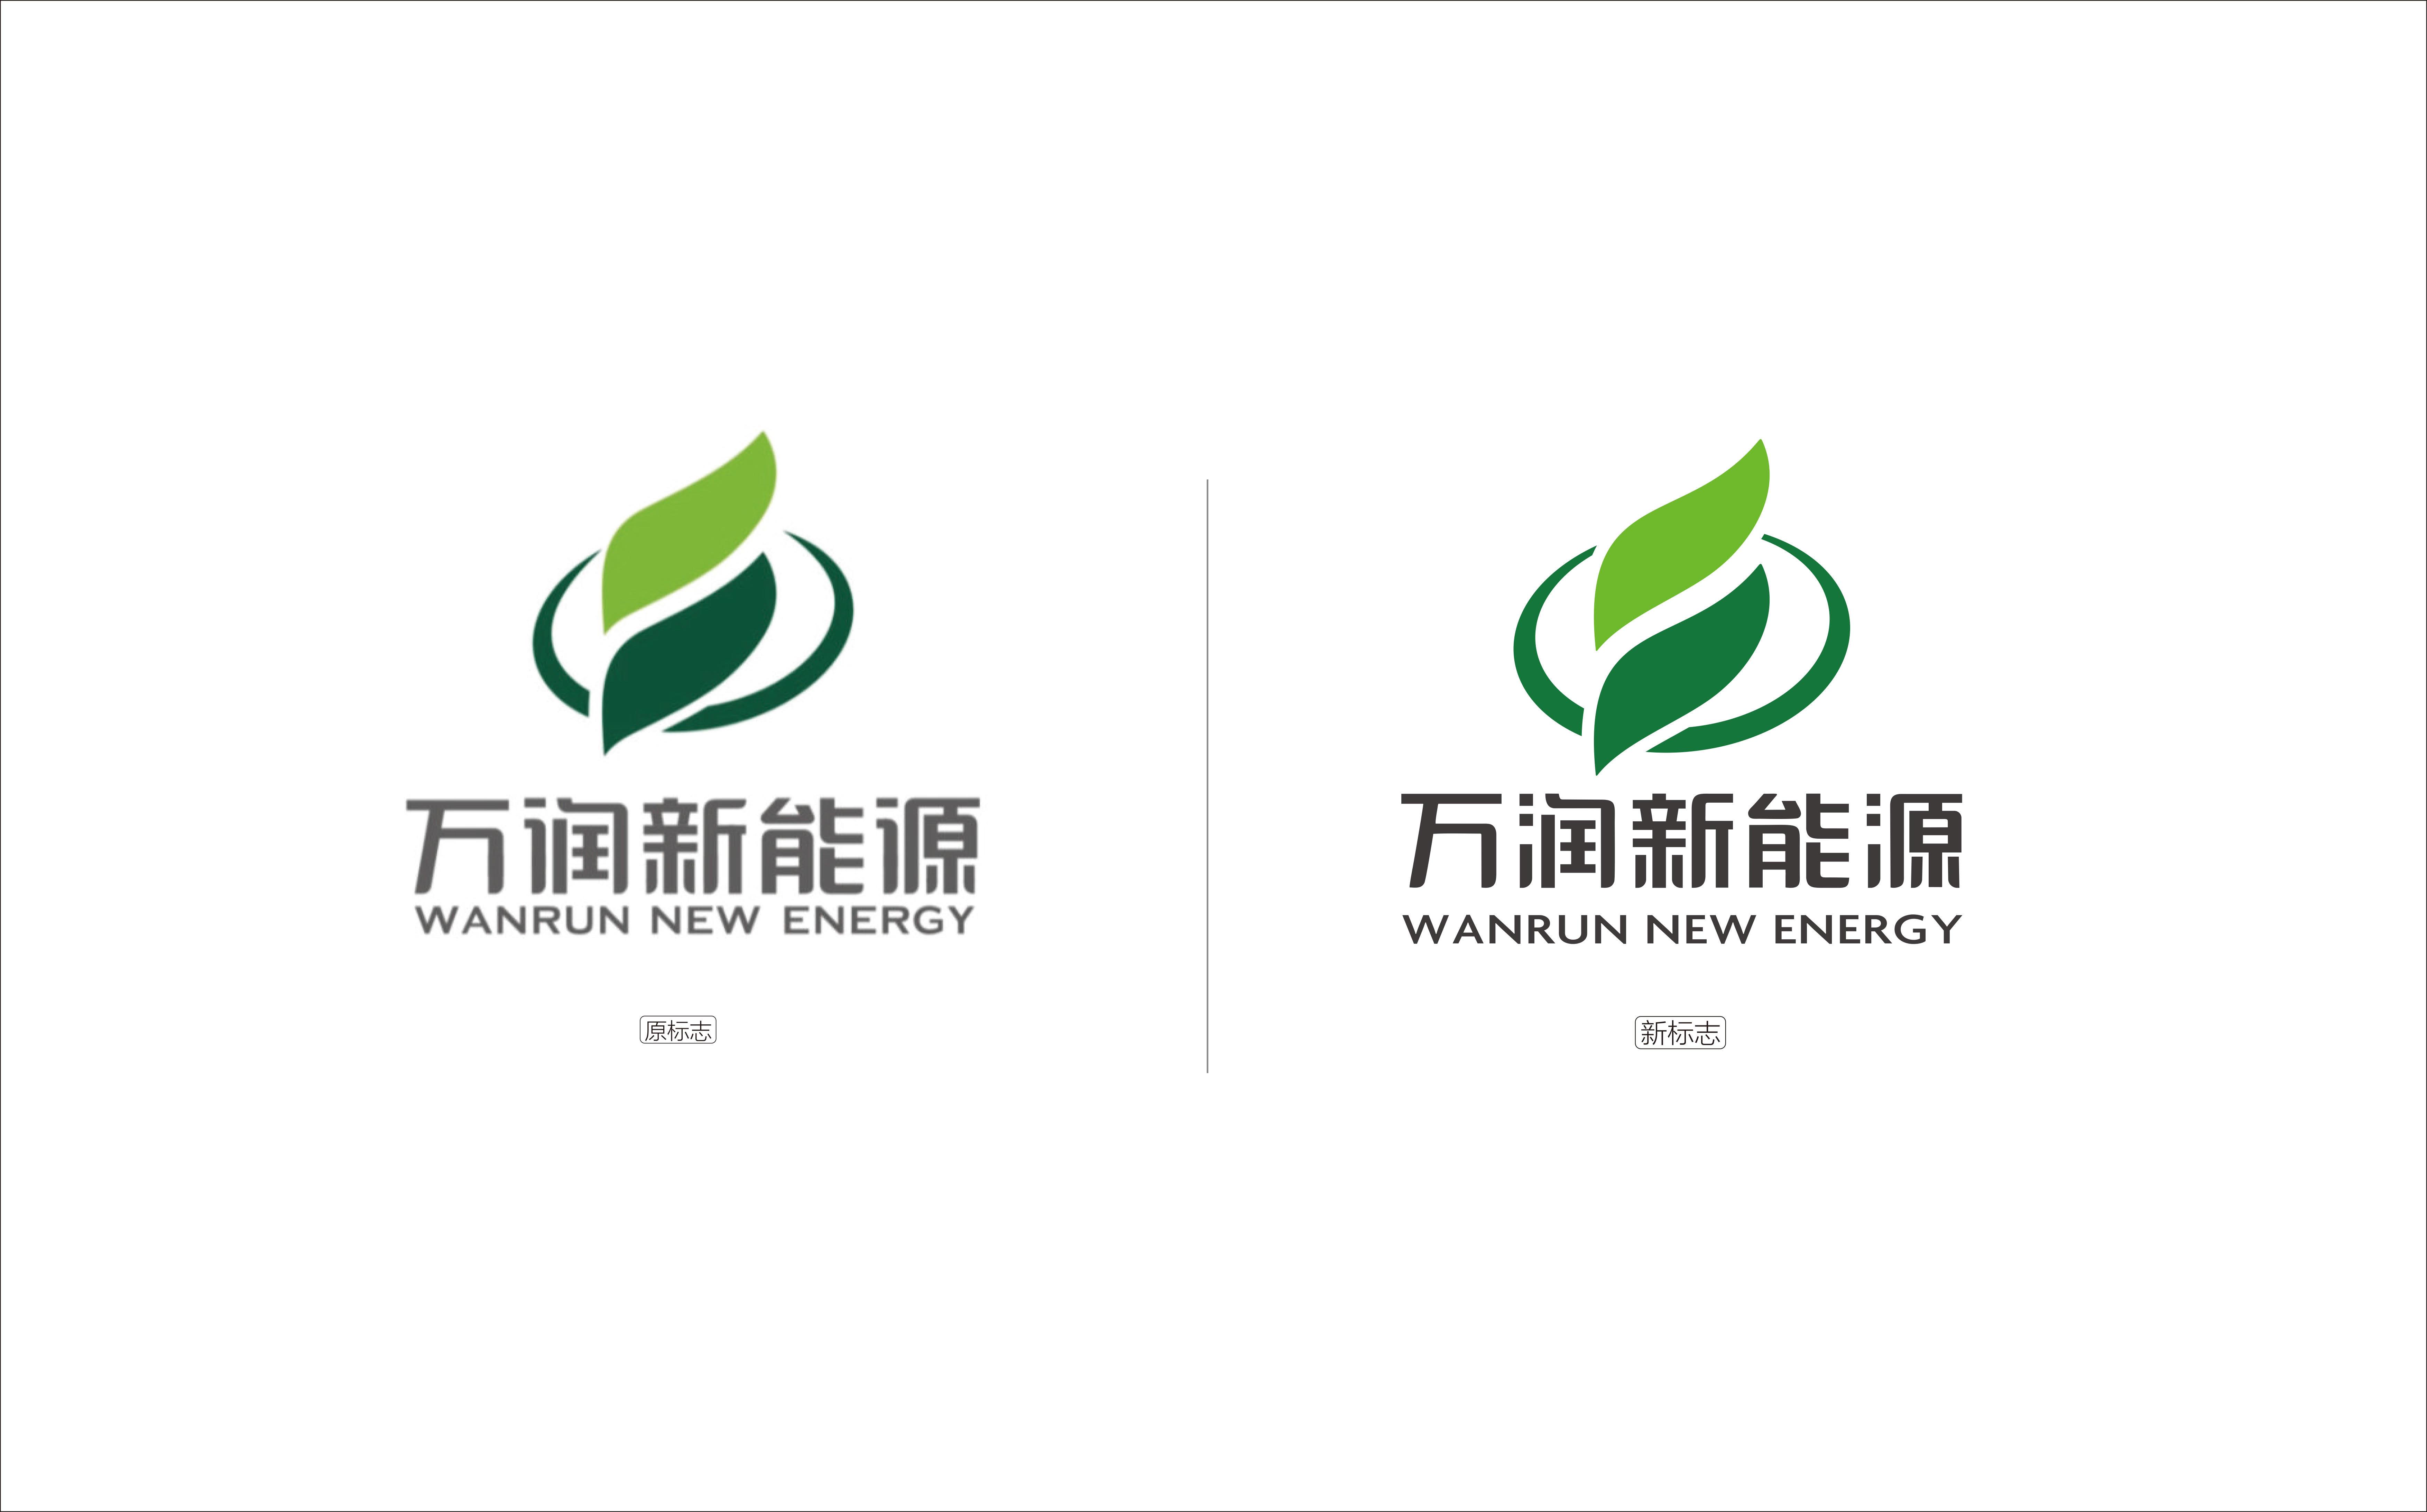 万润新能源_13.jpg